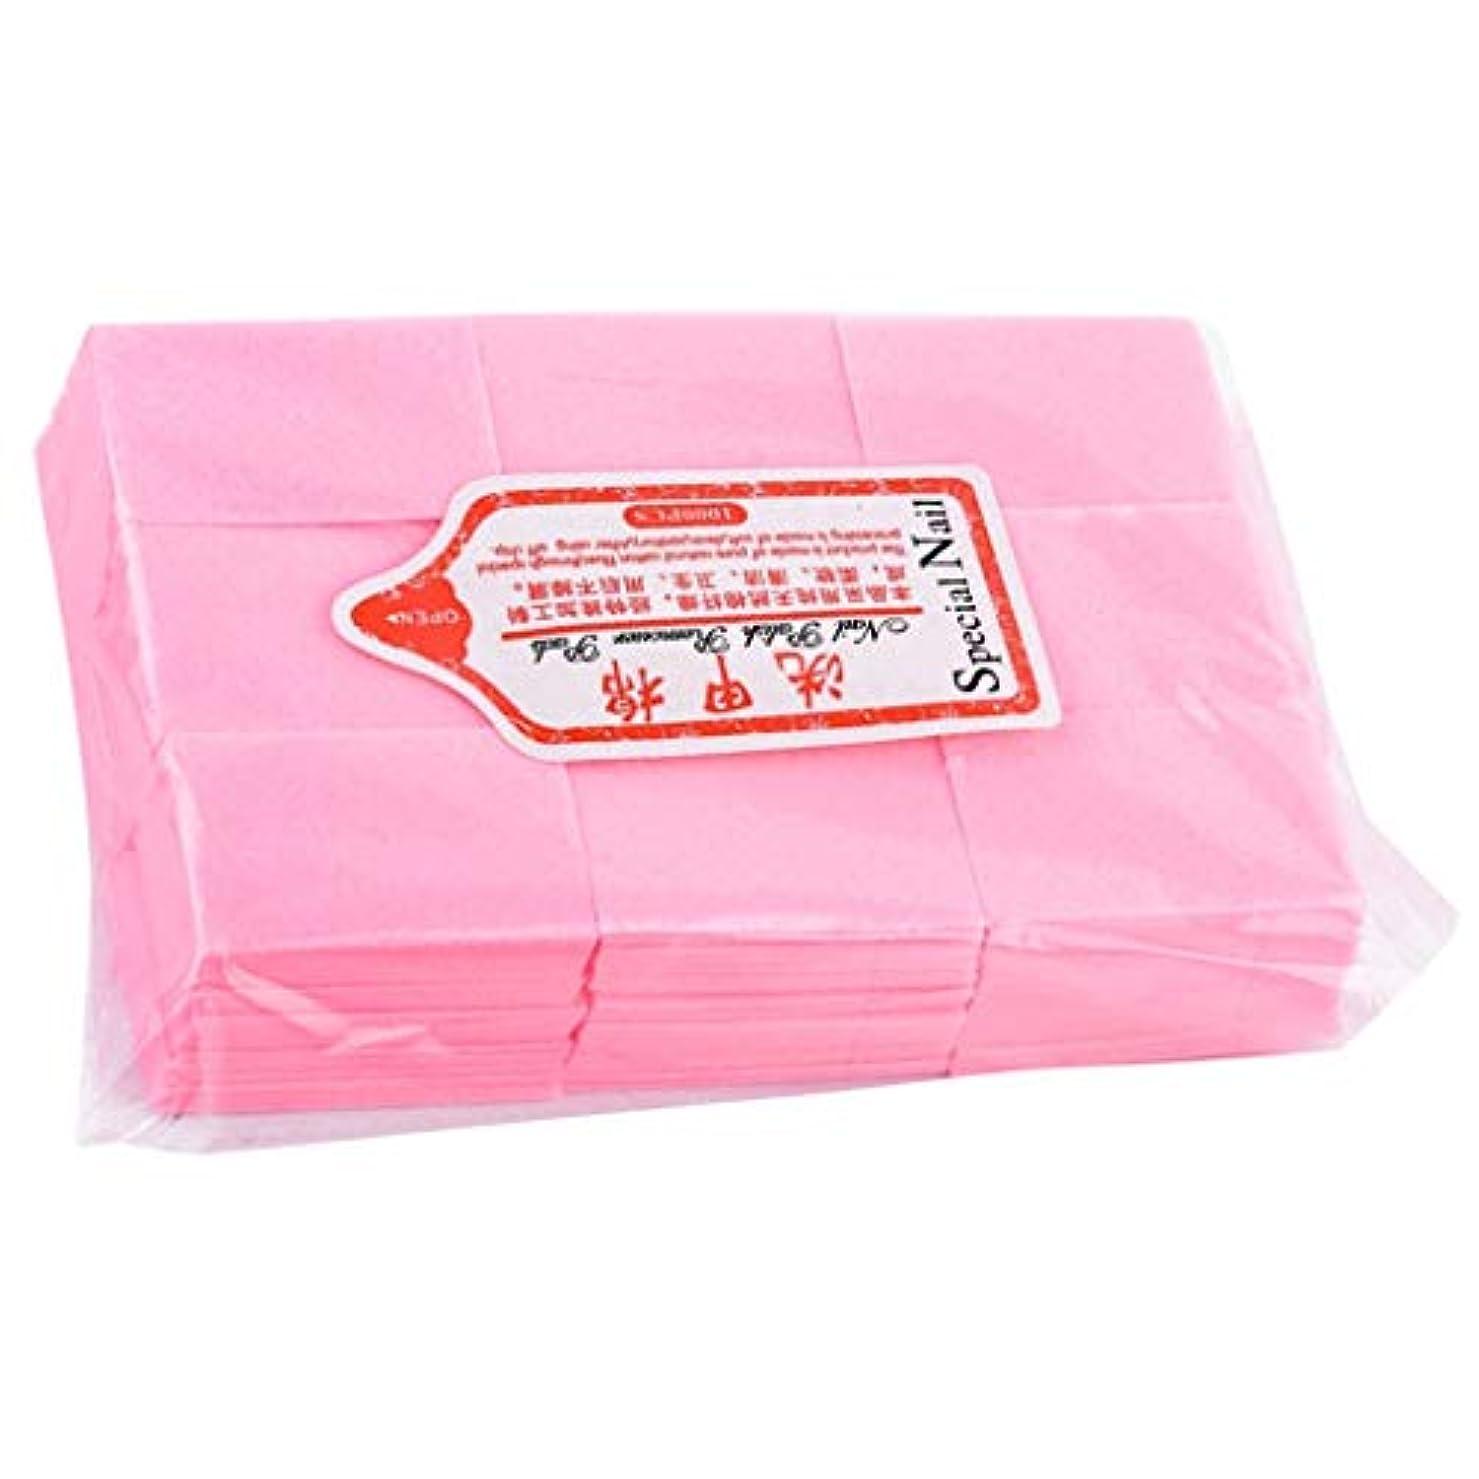 ガジュマル細断優しさネイルワイプ コットンパッド 使い捨て ネイルポリッシュリムーバー パッド マニキュア 全4色 - ピンク